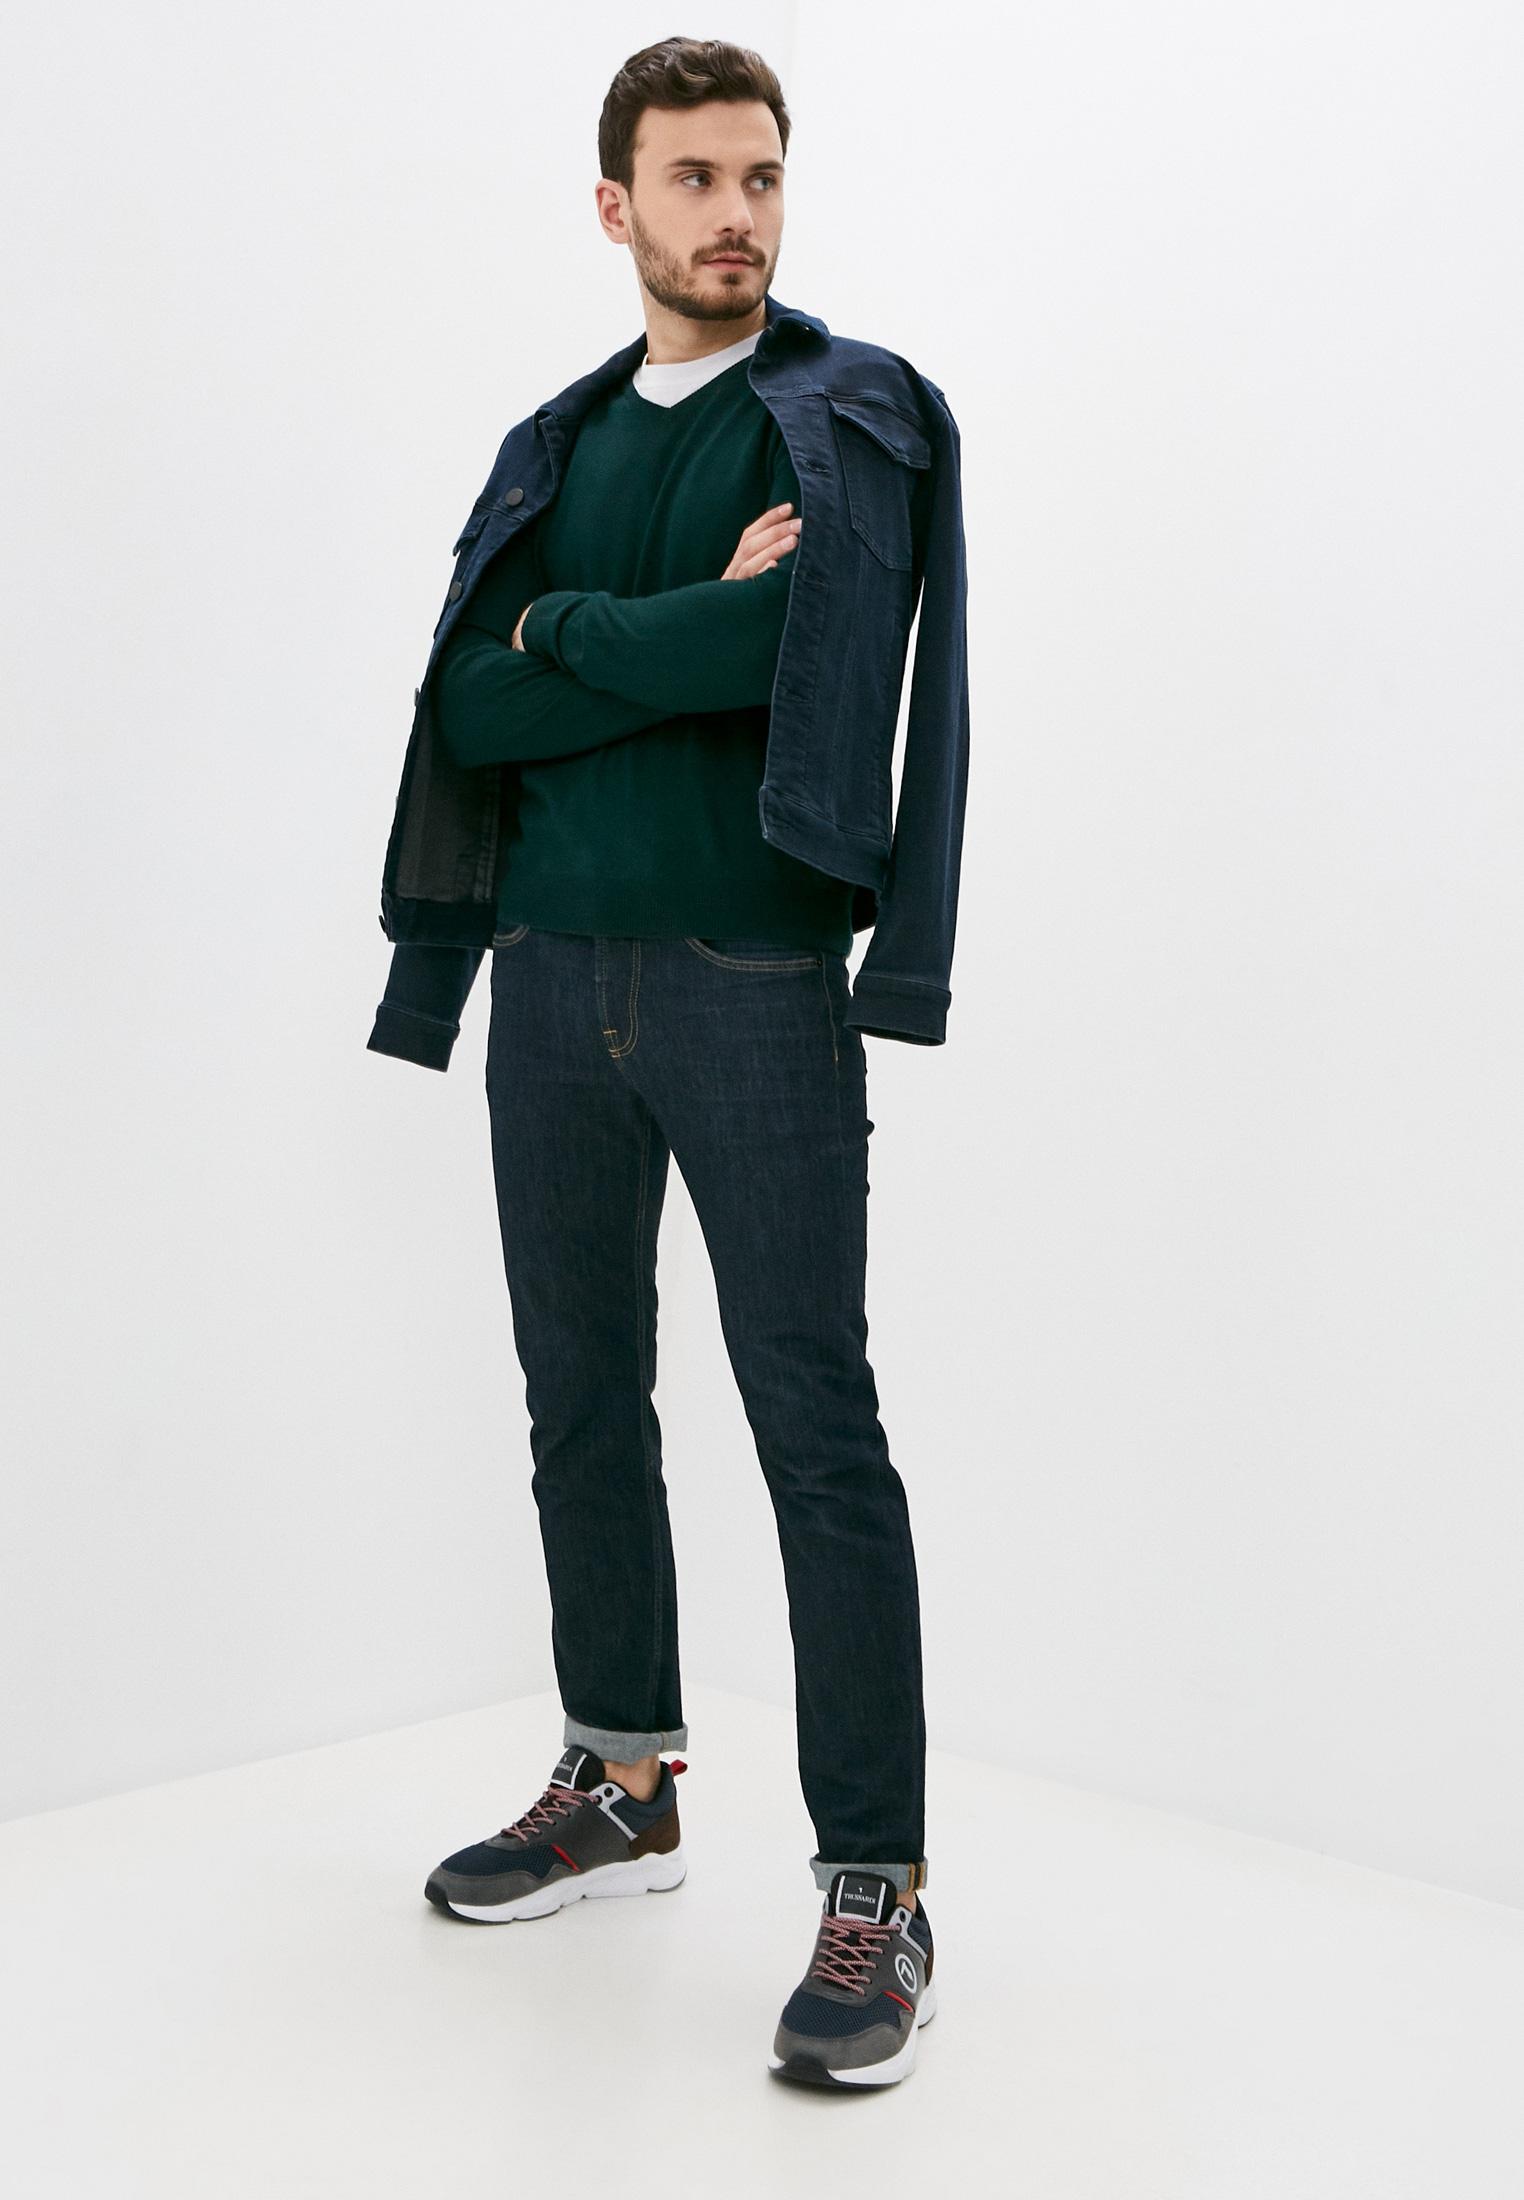 Пуловер Baldinini (Балдинини) MU0208: изображение 3